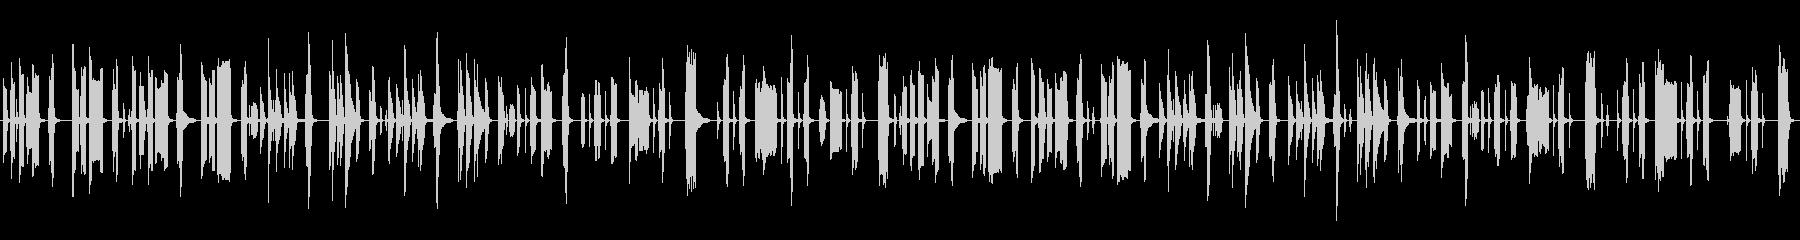 気の抜けた脱力系リコーダーとピアノの未再生の波形